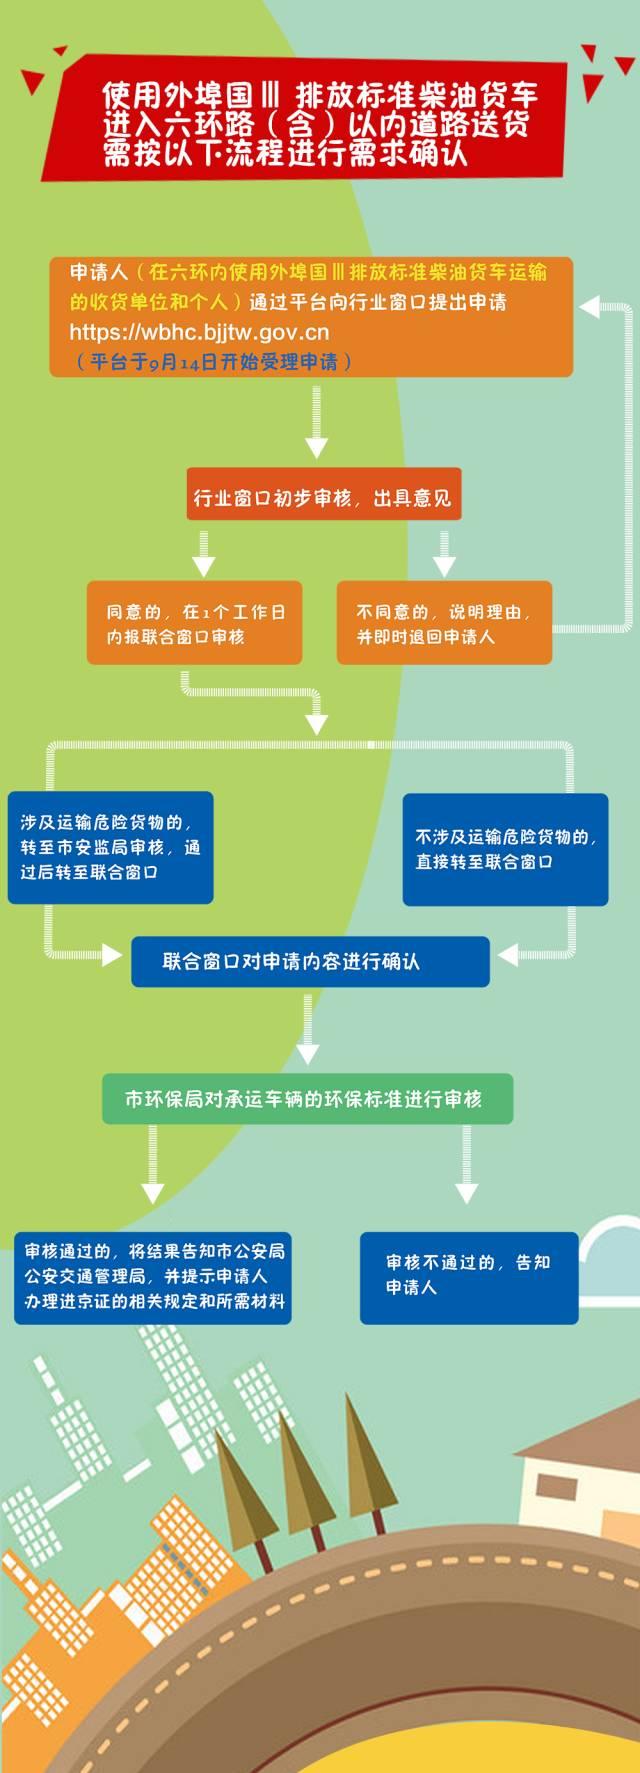 北京對部分載貨汽車采取交通管理措施降低污染物排放的通告全文 - 地鐵查詢網